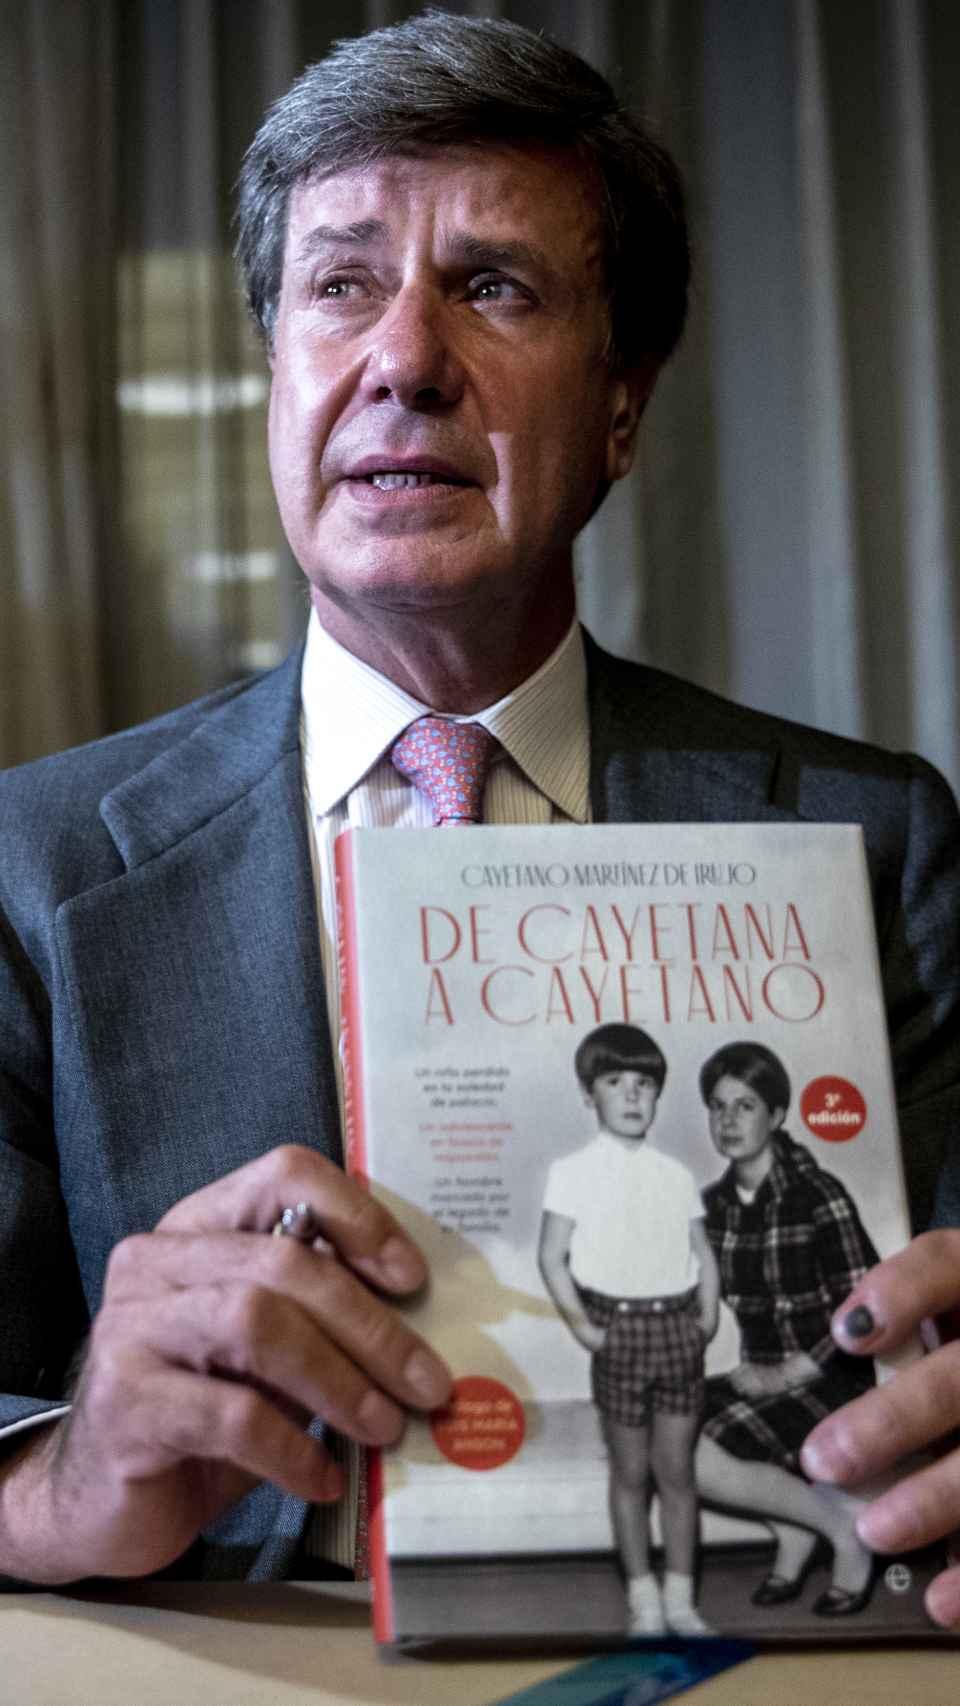 Cayetano Martínez de Irujo en la presentación de sus memorias, 'De Cayetana a Cayetano'.